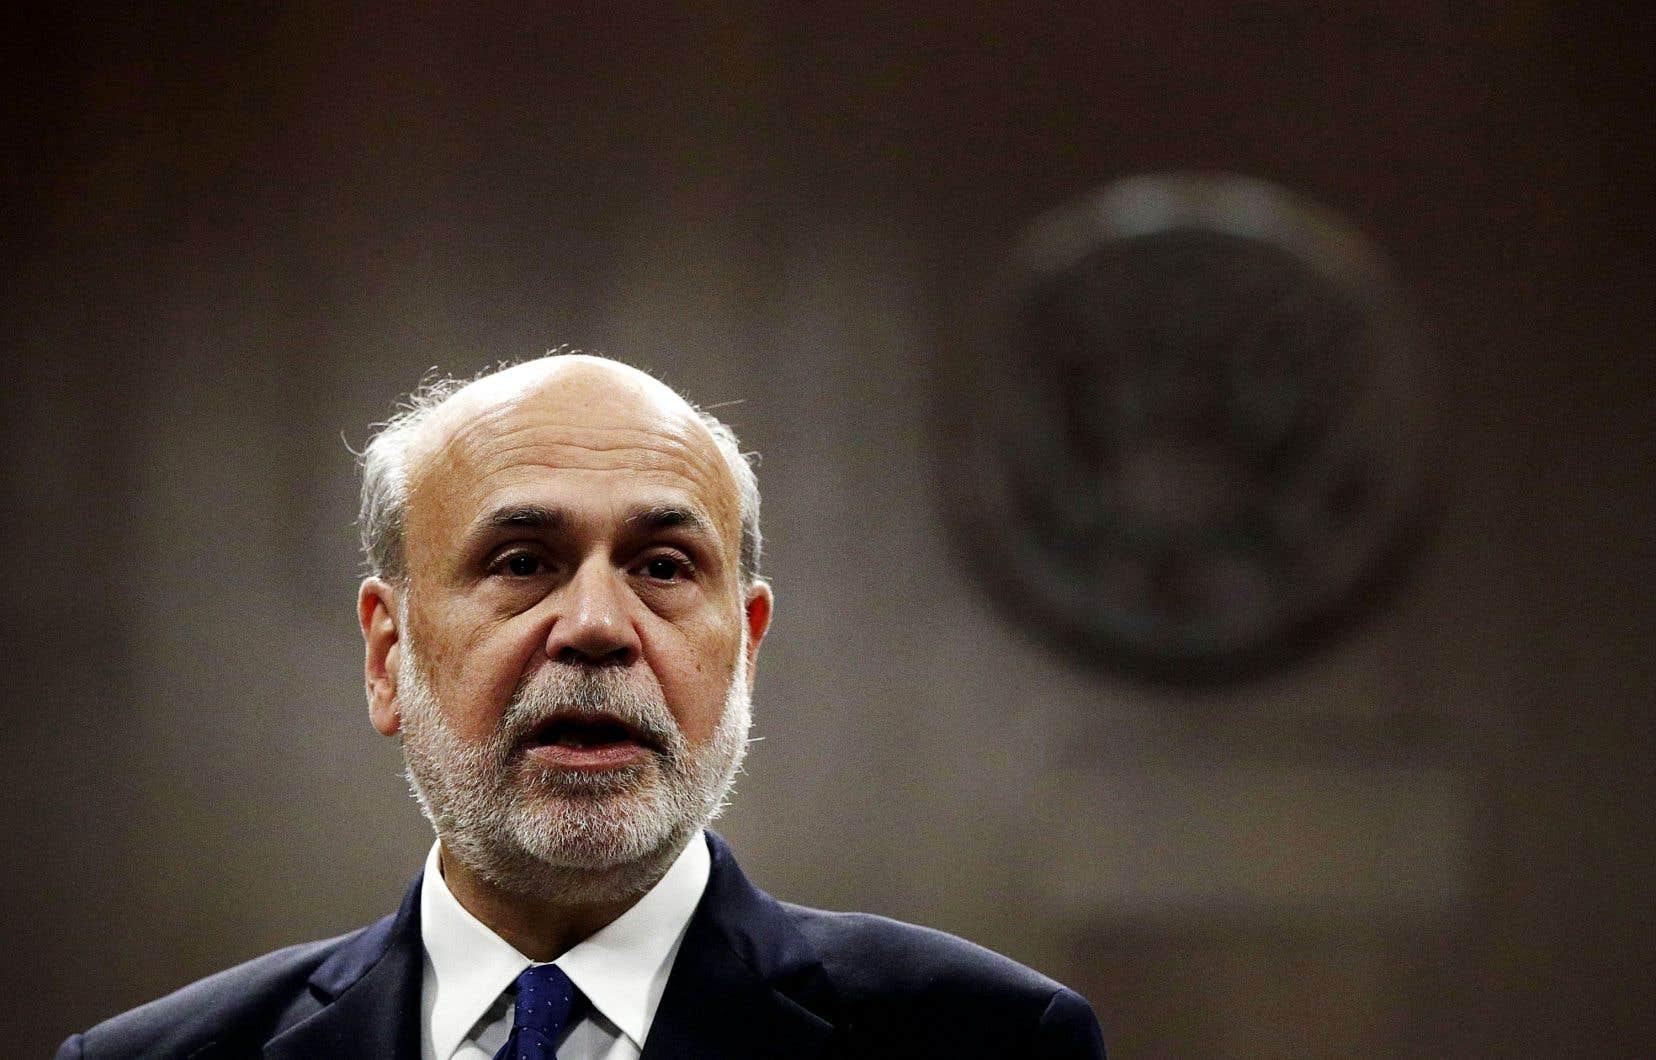 L'ancien président de la Fed, Ben Bernanke, estime que la Réserve fédérale américaine dispose déjà de tous les moyens nécessaires pour répondre à l'inévitable fin de la plus longue période de croissance économique ininterrompue de l'histoire des États-Unis.